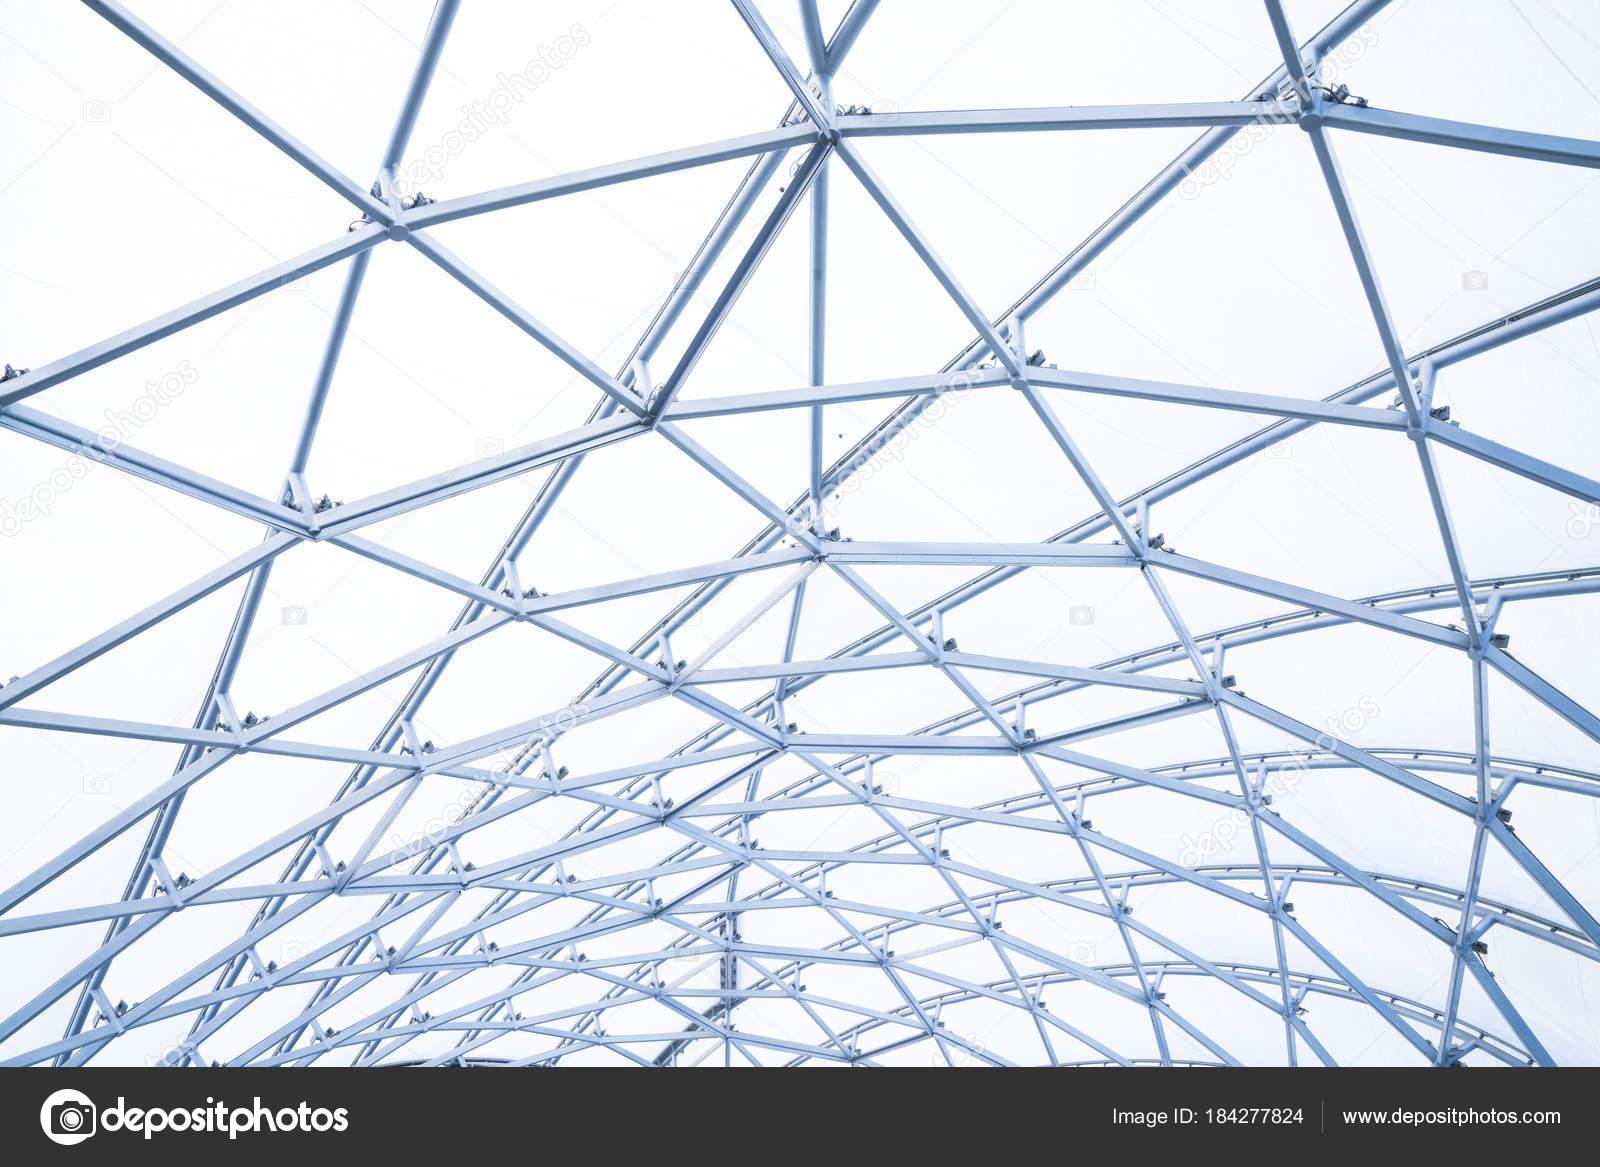 Hochbau von Metall Stahl Rahmen im freien — Stockfoto © Tatomm ...